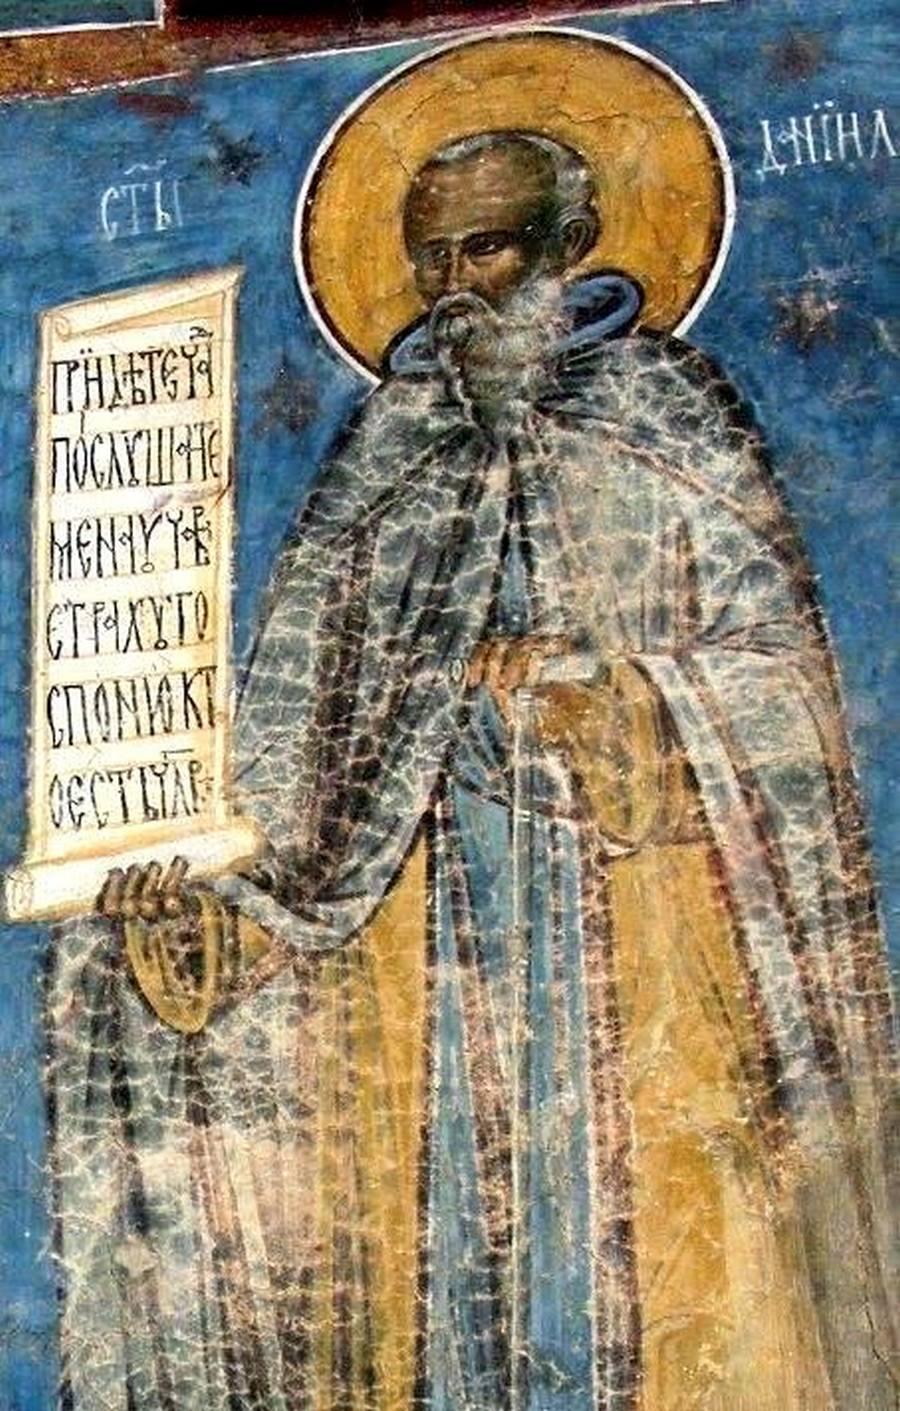 Святой Преподобный Даниил Исихаст. Фреска монастыря Воронец, Румыния. 1547 год.